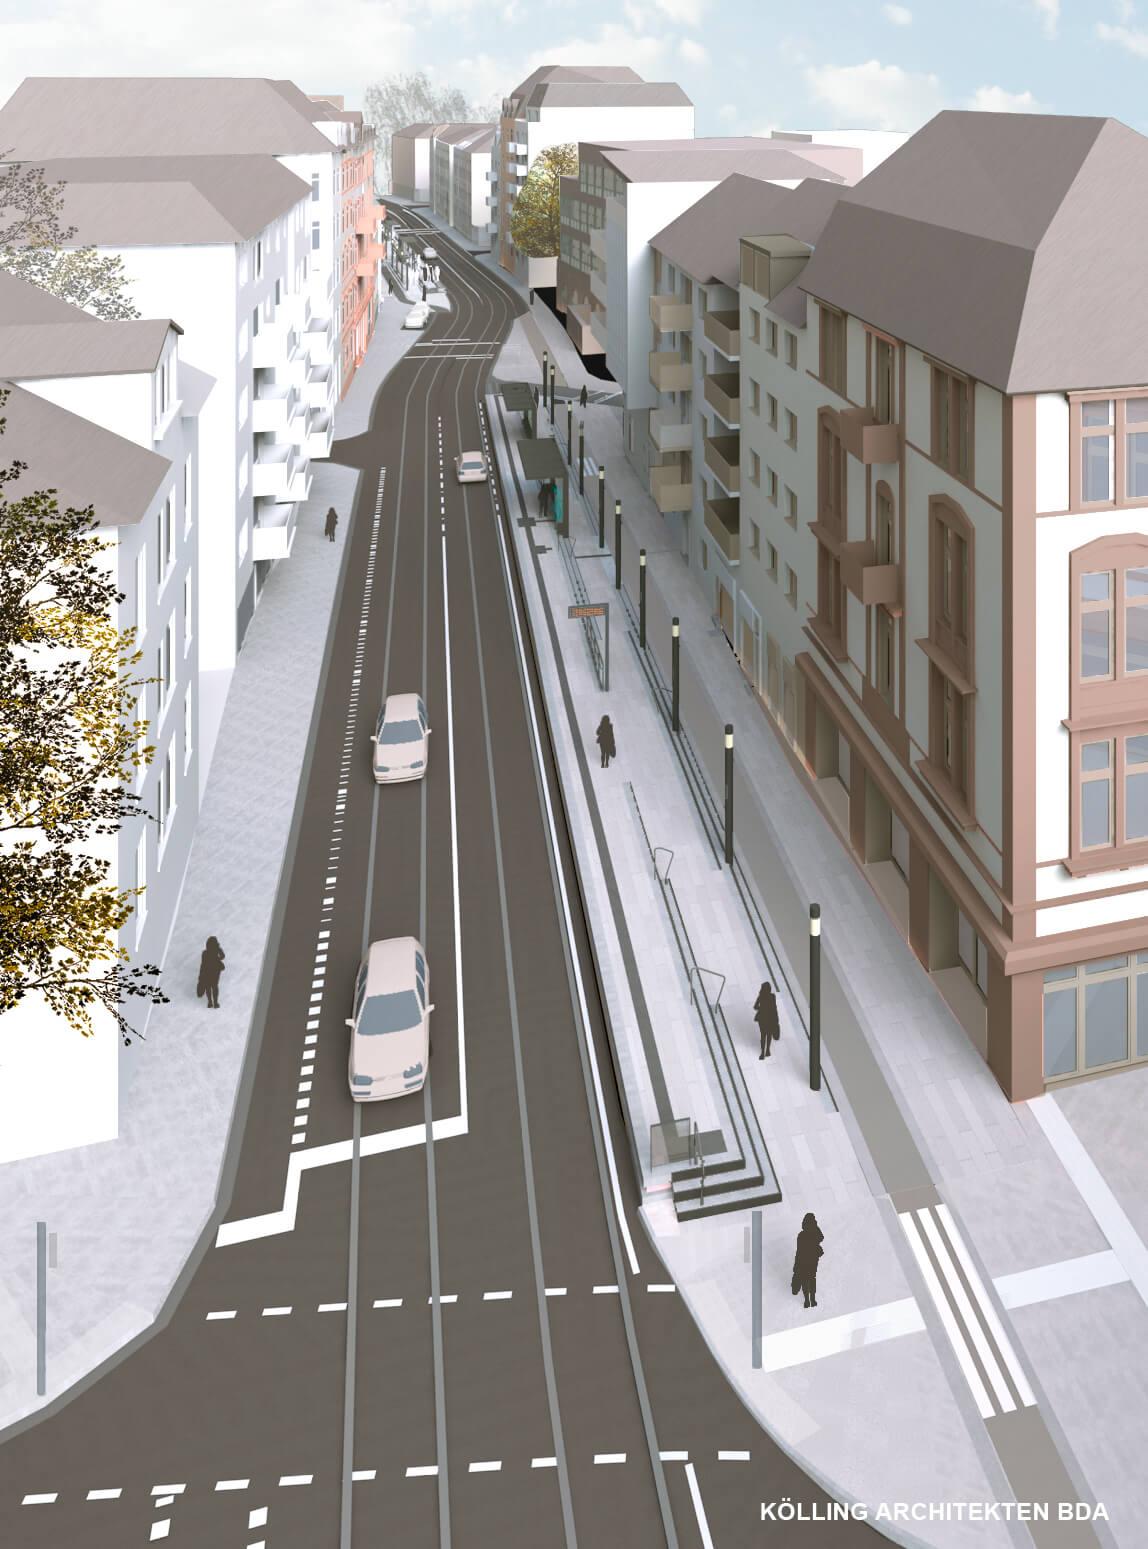 Umbau Der Stationen Musterschule Und Glauburgstraße Vgf Blog